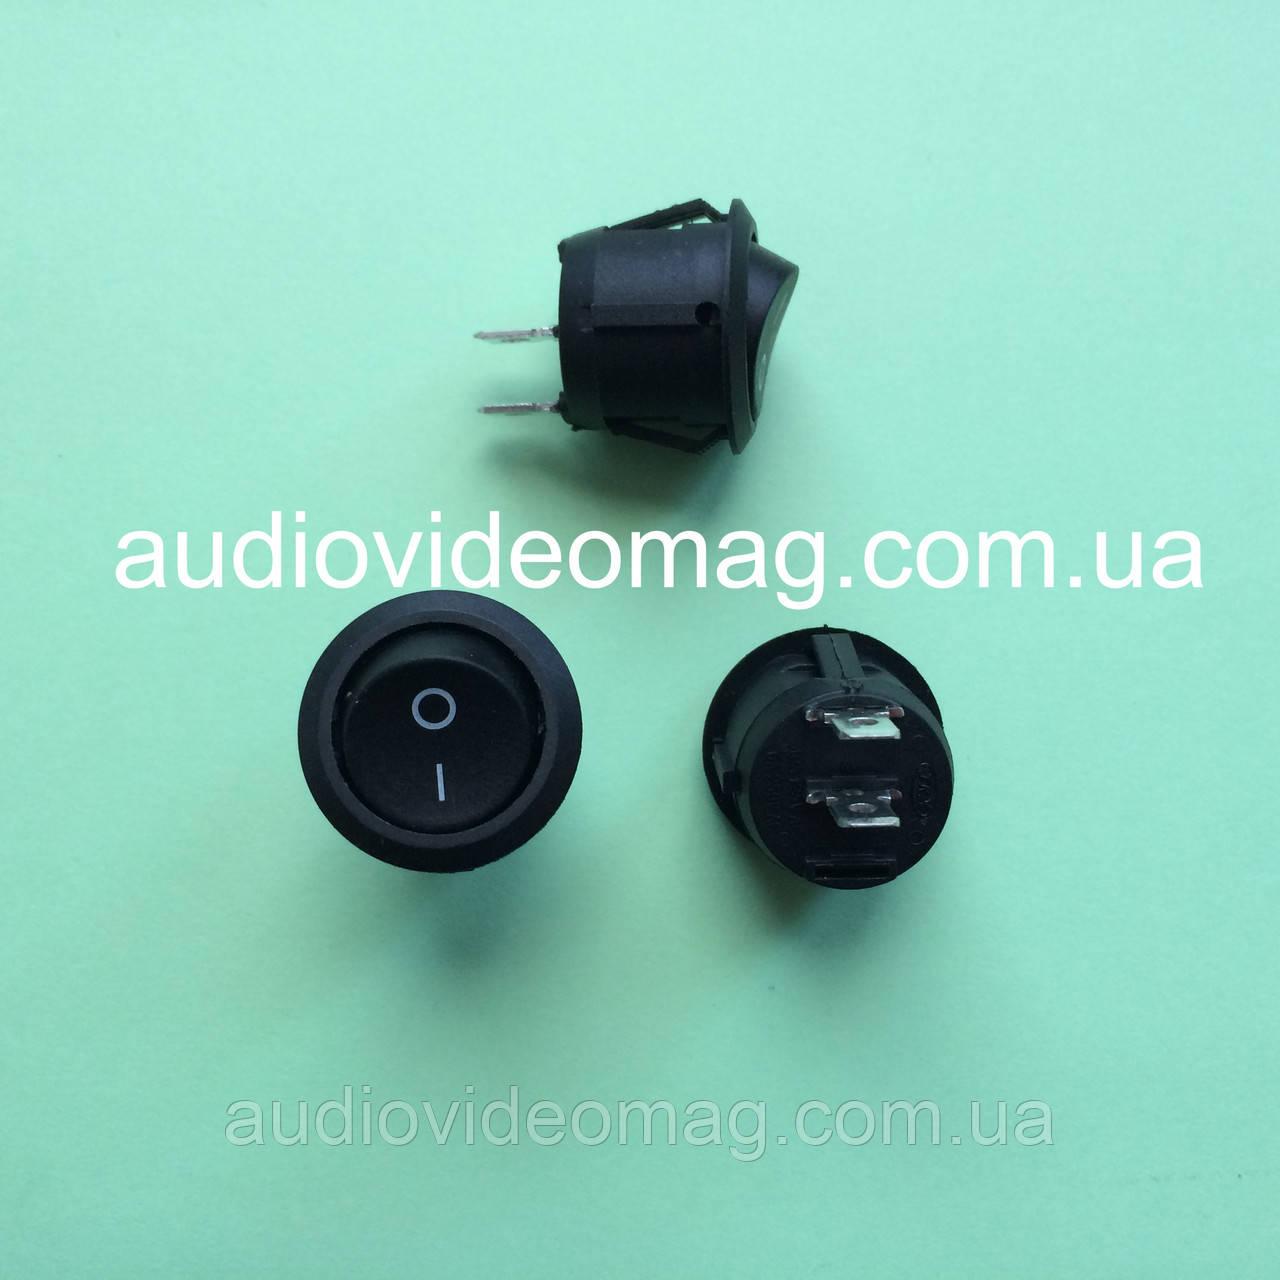 Кнопочный выключатель, диаметр 20.3 мм, чёрный, без подсветки